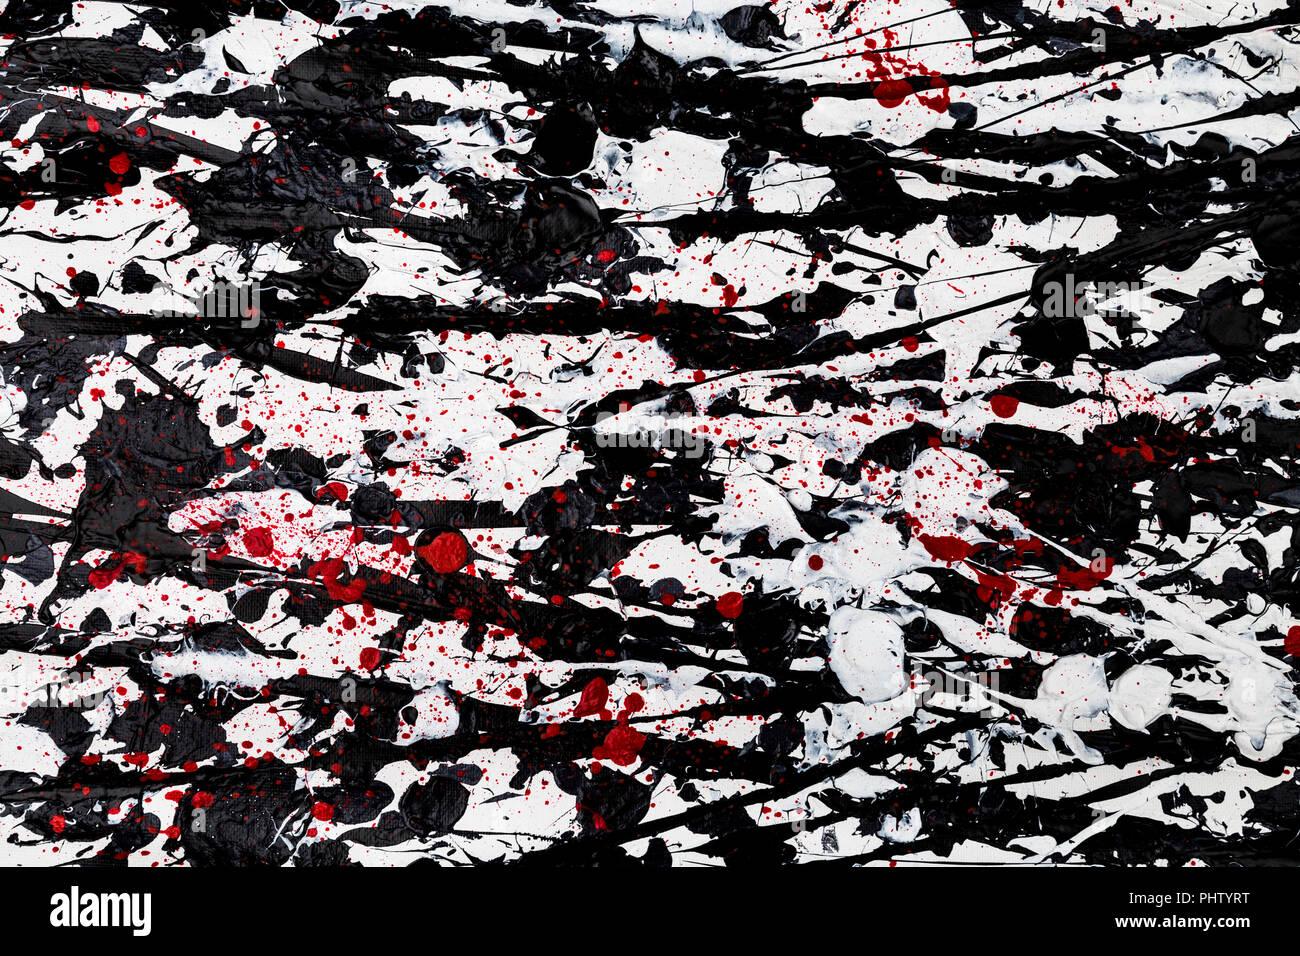 Pollock Style Abstract Art